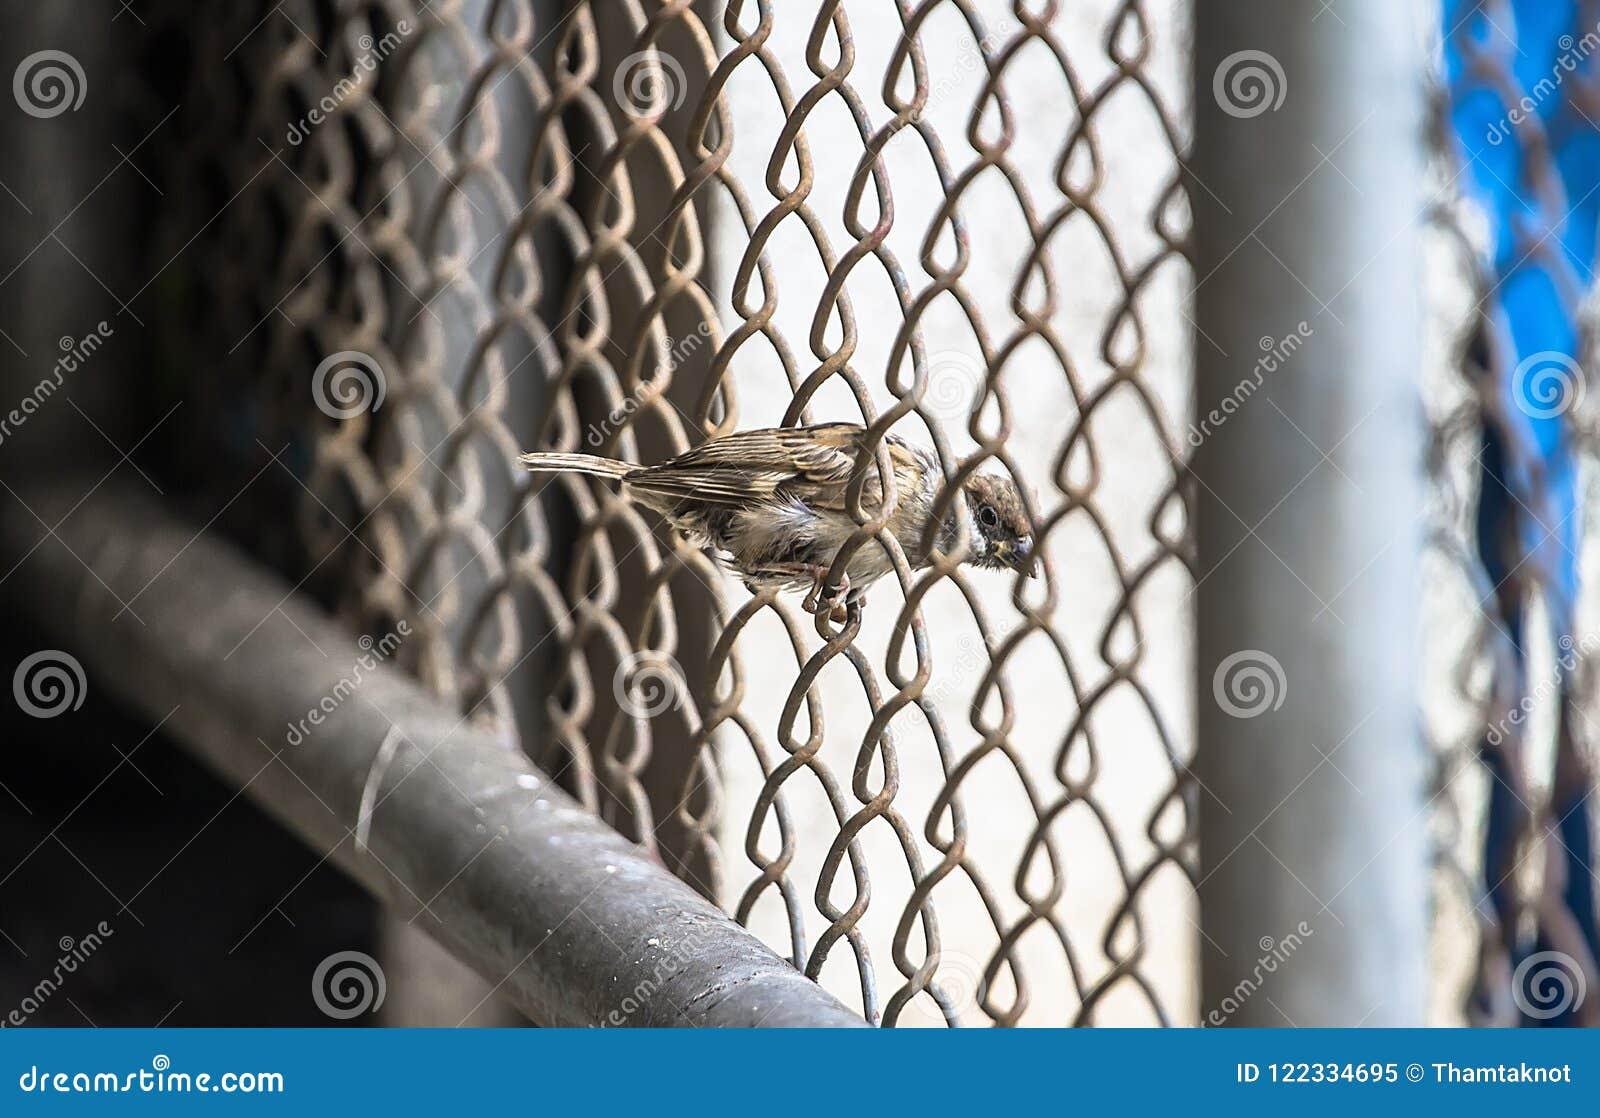 De aardmus wordt gezien gemakkelijk het een sedentaire vogel op een omheining langs de muren van het huis zoekend voedsel is